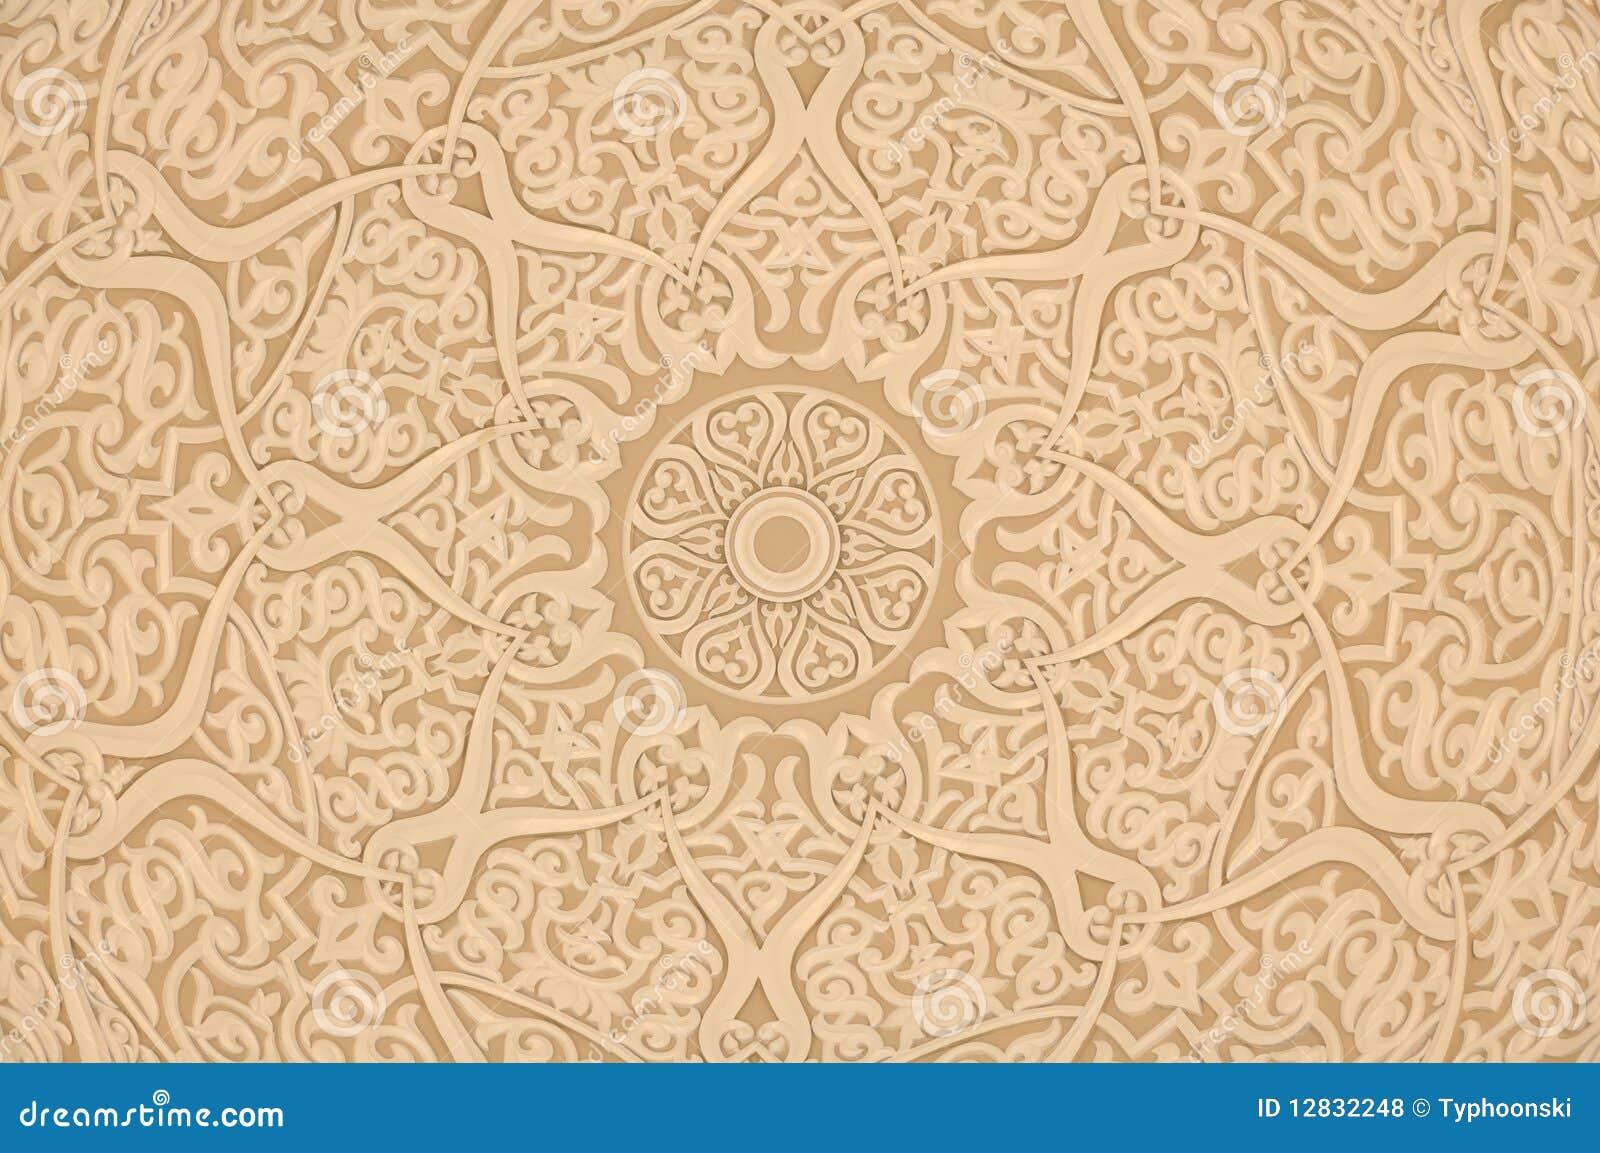 Décoration arabe orientale photo stock. Image du fleuri   12832248